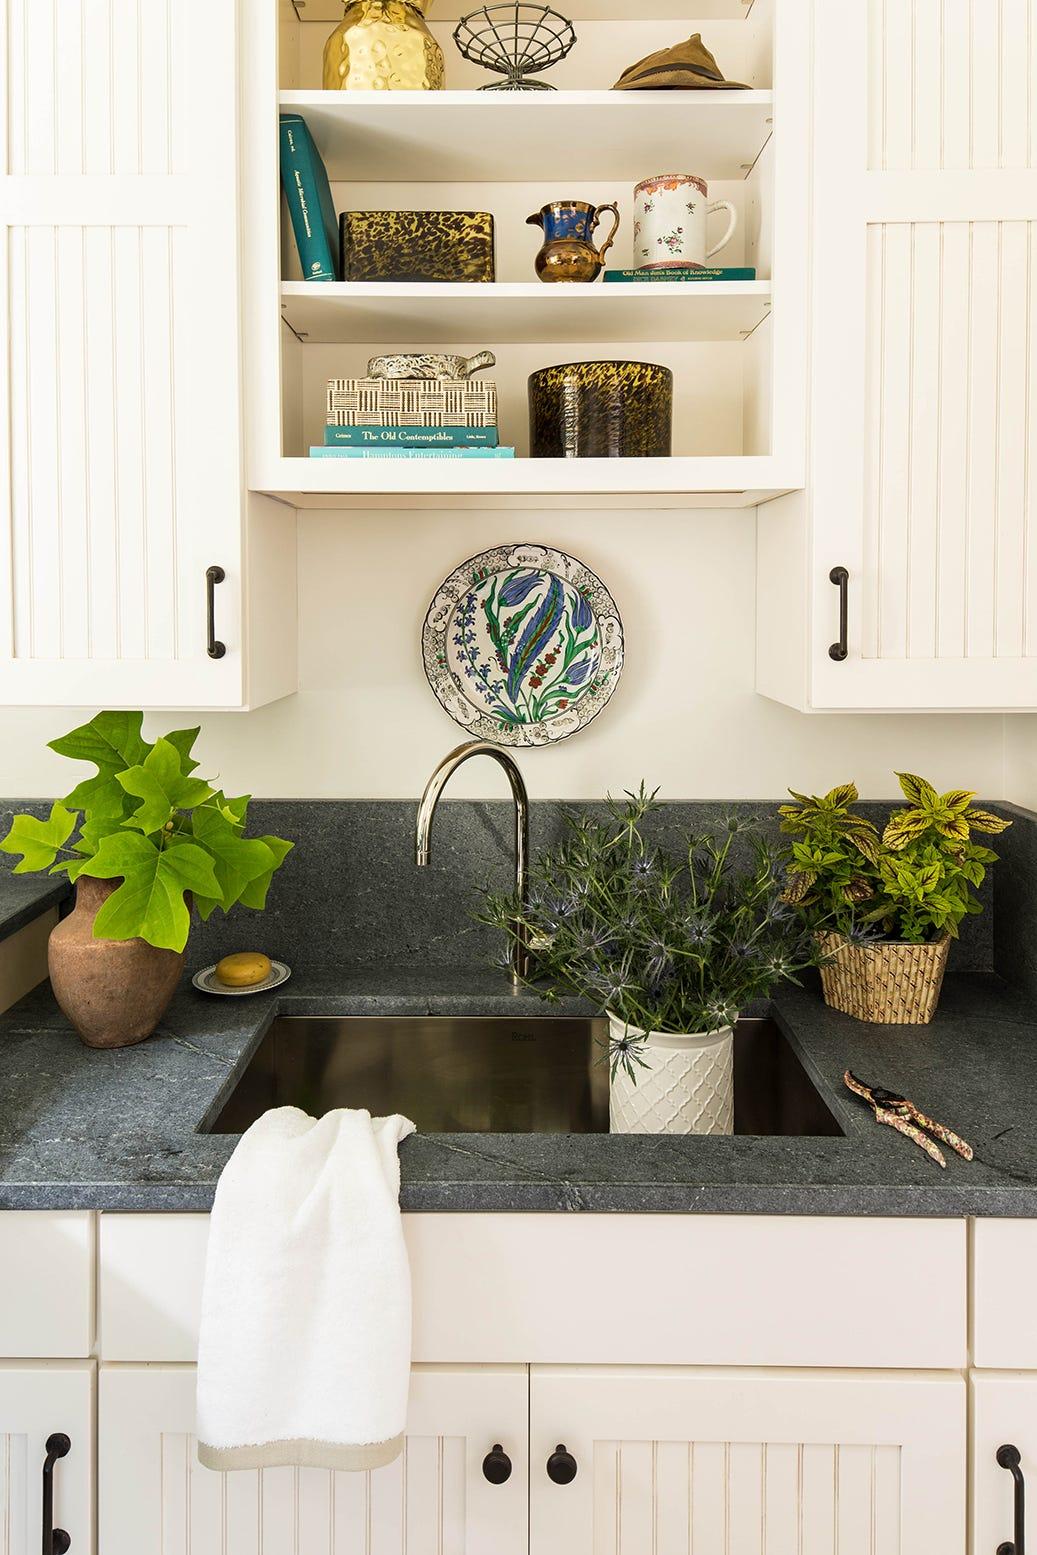 First Home Decor Ideas Bunny Williams - Home Decor Advice